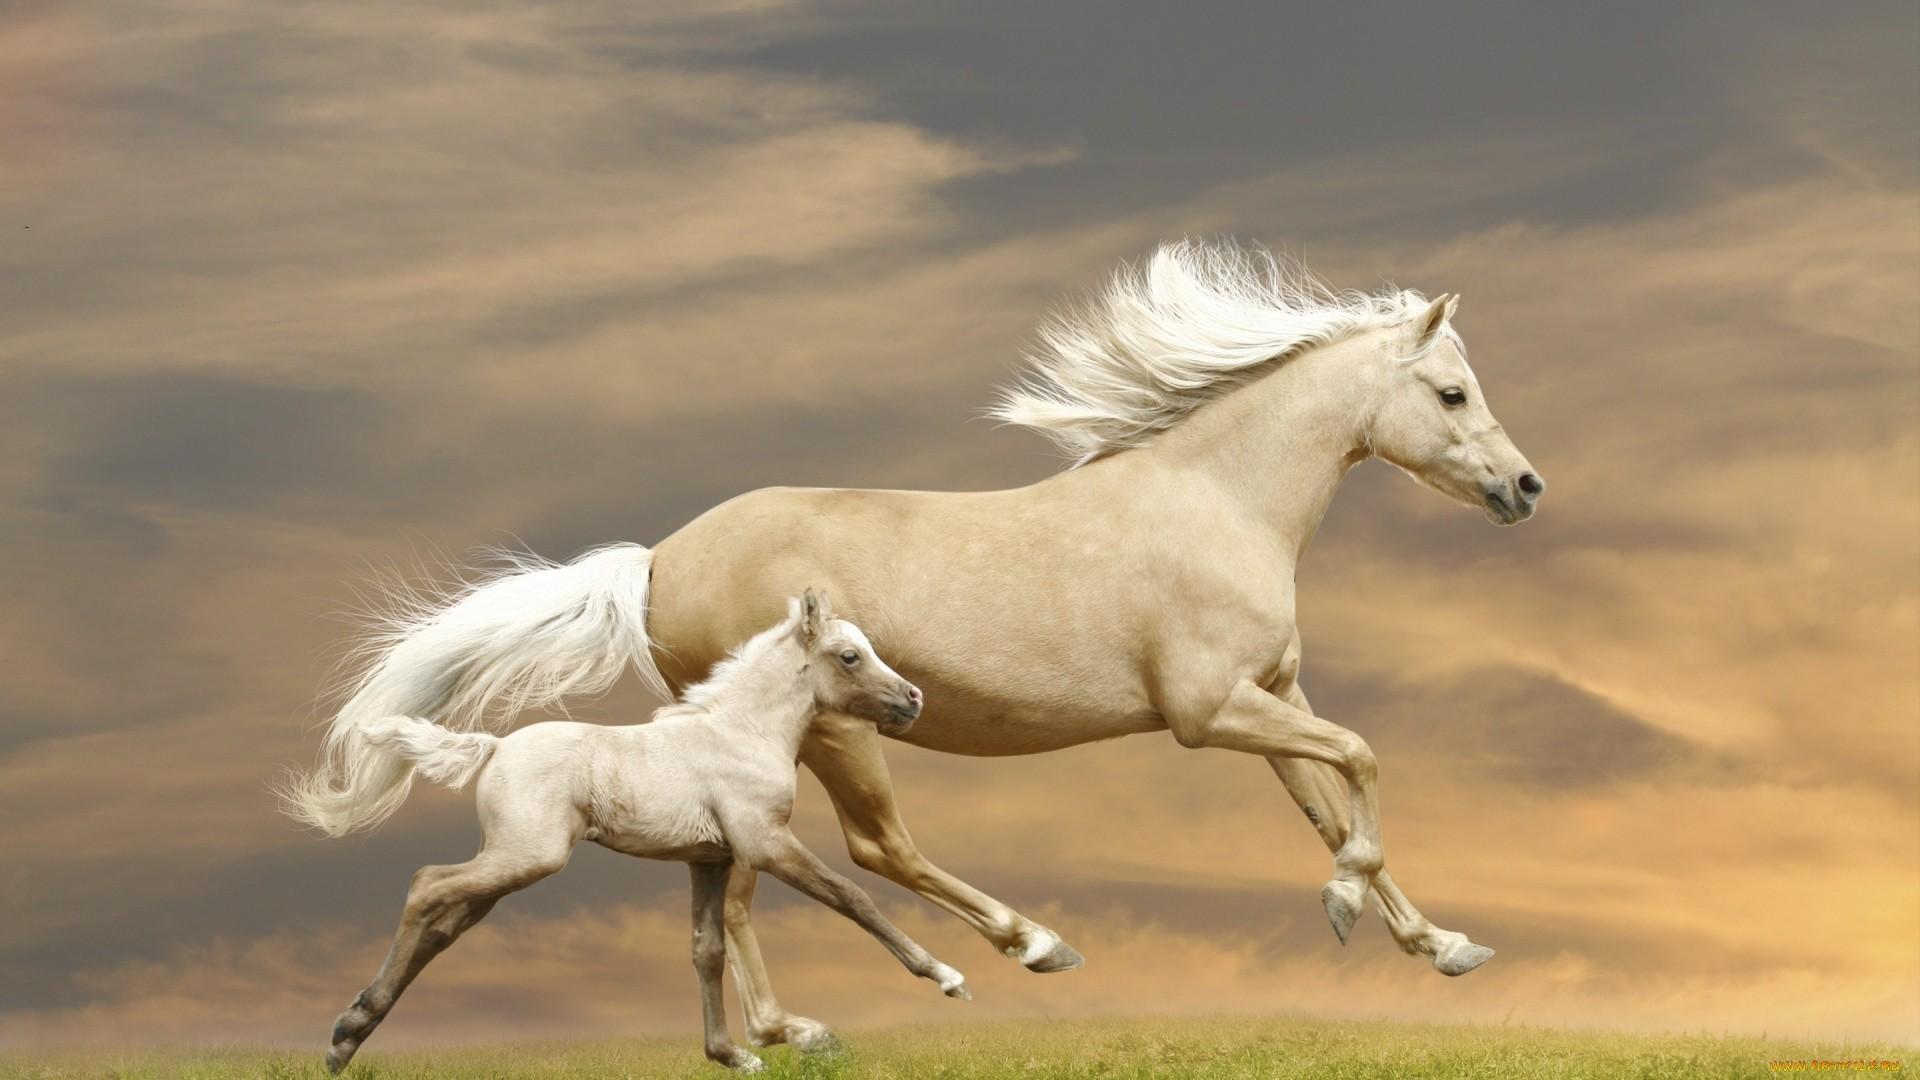 White Horse Full HD Wallpaper